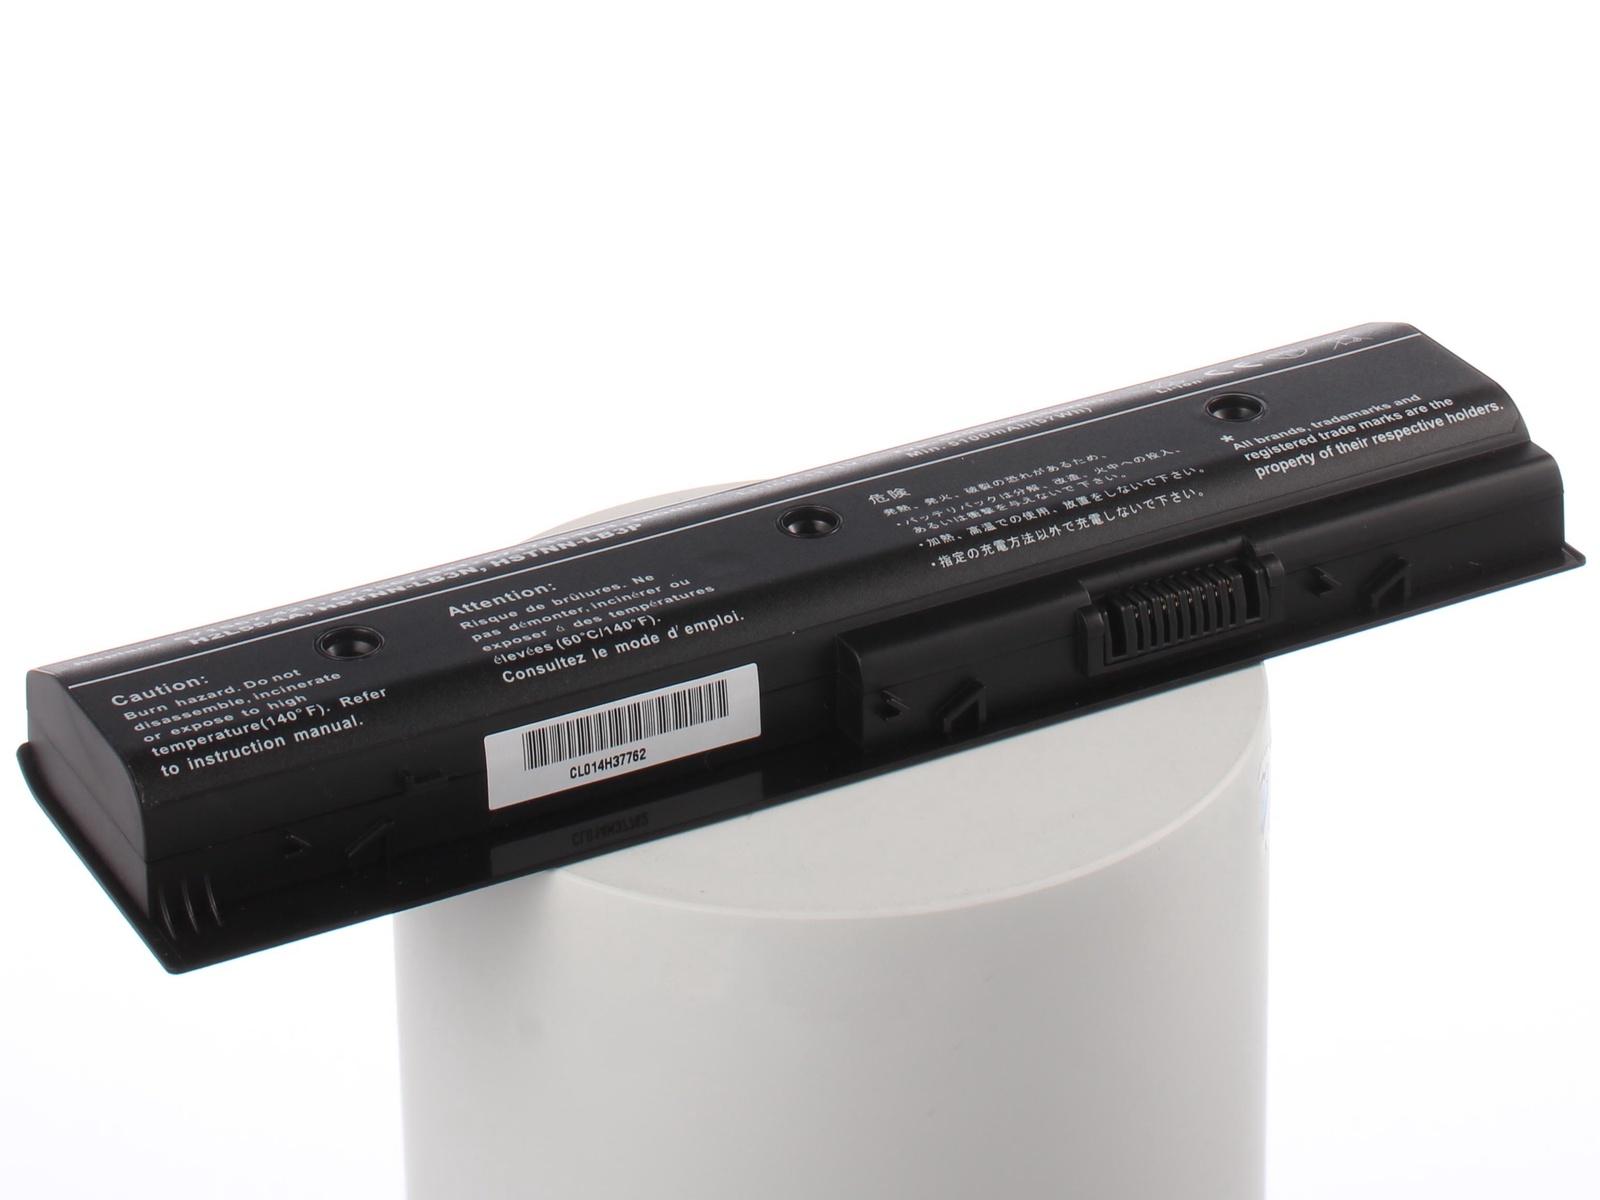 Аккумулятор для ноутбука iBatt для HP-Compaq Envy 15-j152sr, Envy m6-1200, ENVY m6-1227sr, Pavilion dv6-7055sr, Pavilion dv6-8000, Envy 15-j004er, ENVY dv7-7250er, ENVY m6-1104er, ENVY m6-1153sr, Pavilion m6-1033sr цена